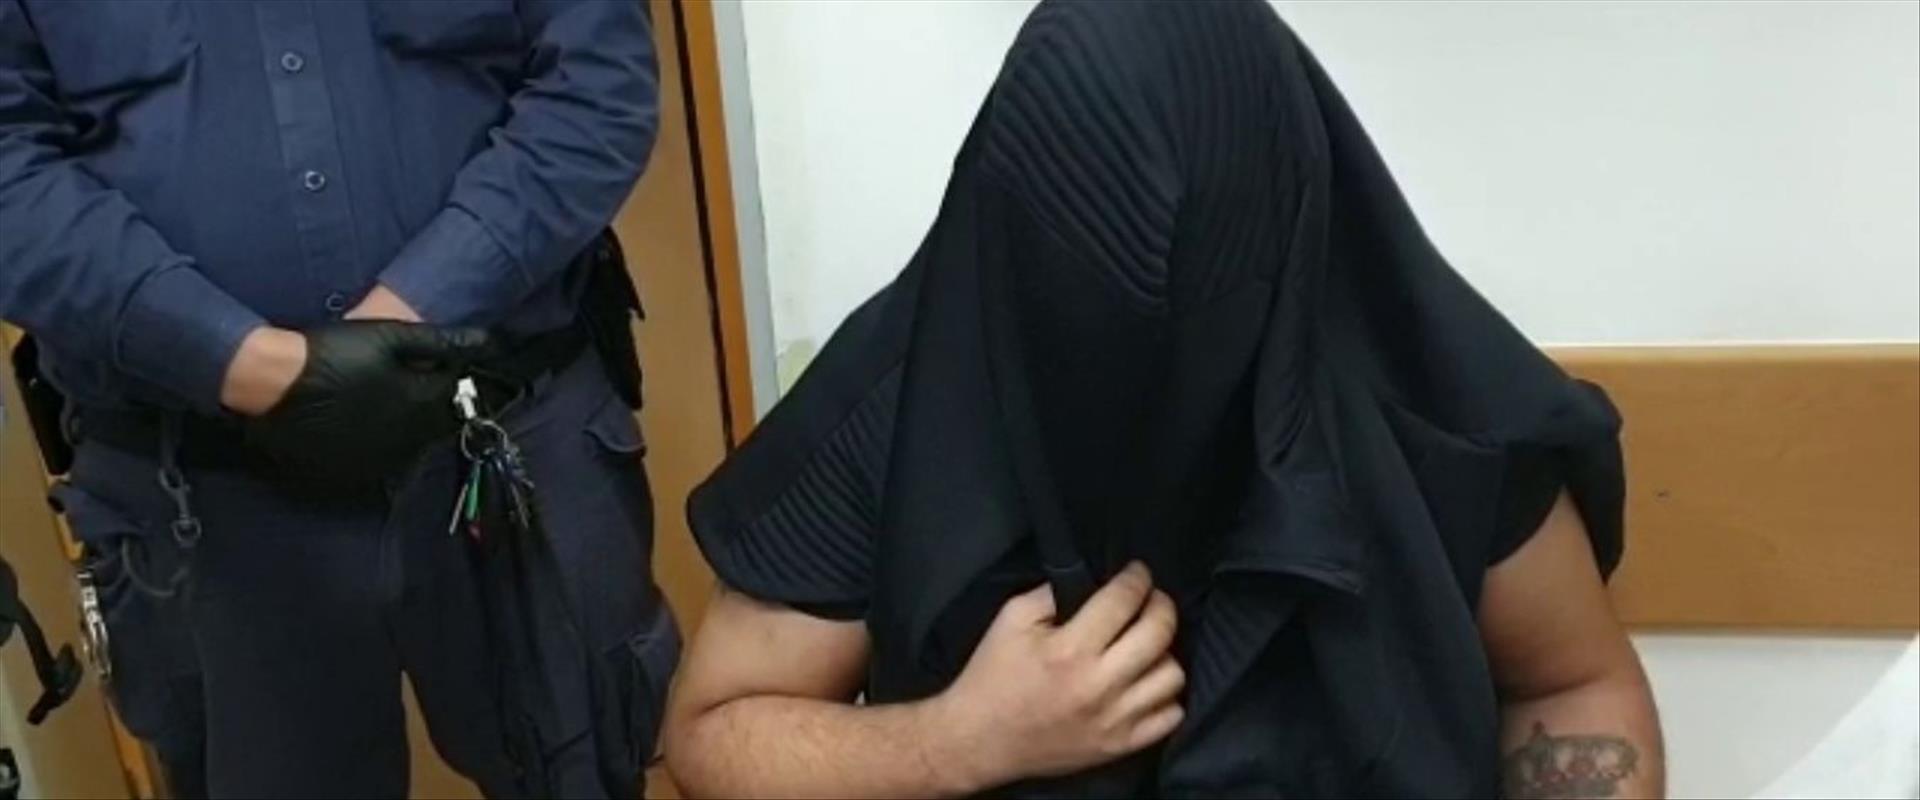 מרואן סמרי, החשוד ברצח בת זוגו, הבוקר